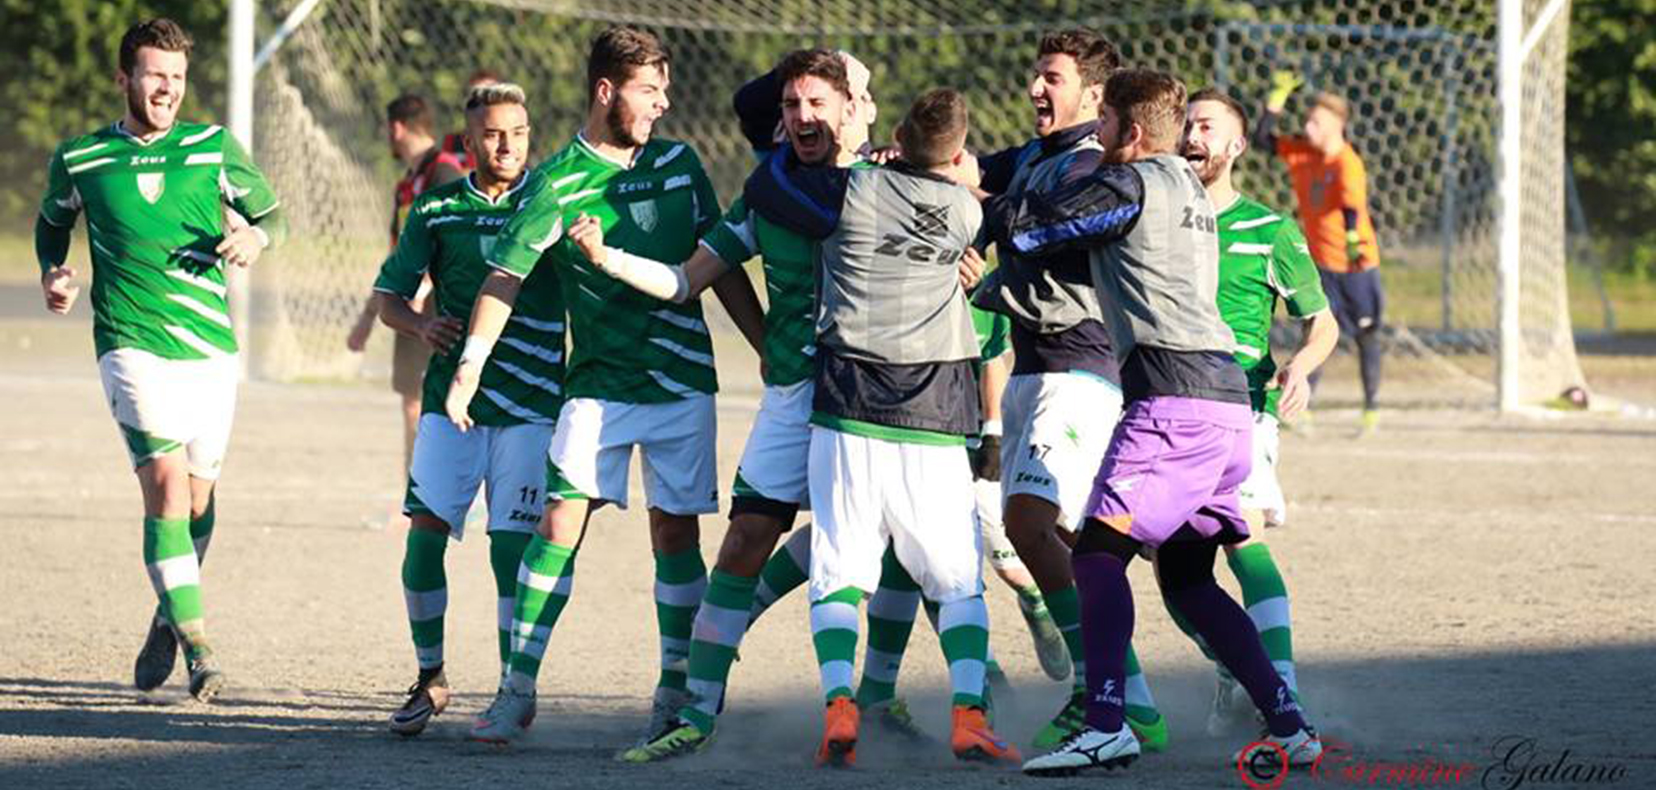 ECCELLENZA/B. Il Faiano torna alla vittoria: Pellegrino stende il Valdiano